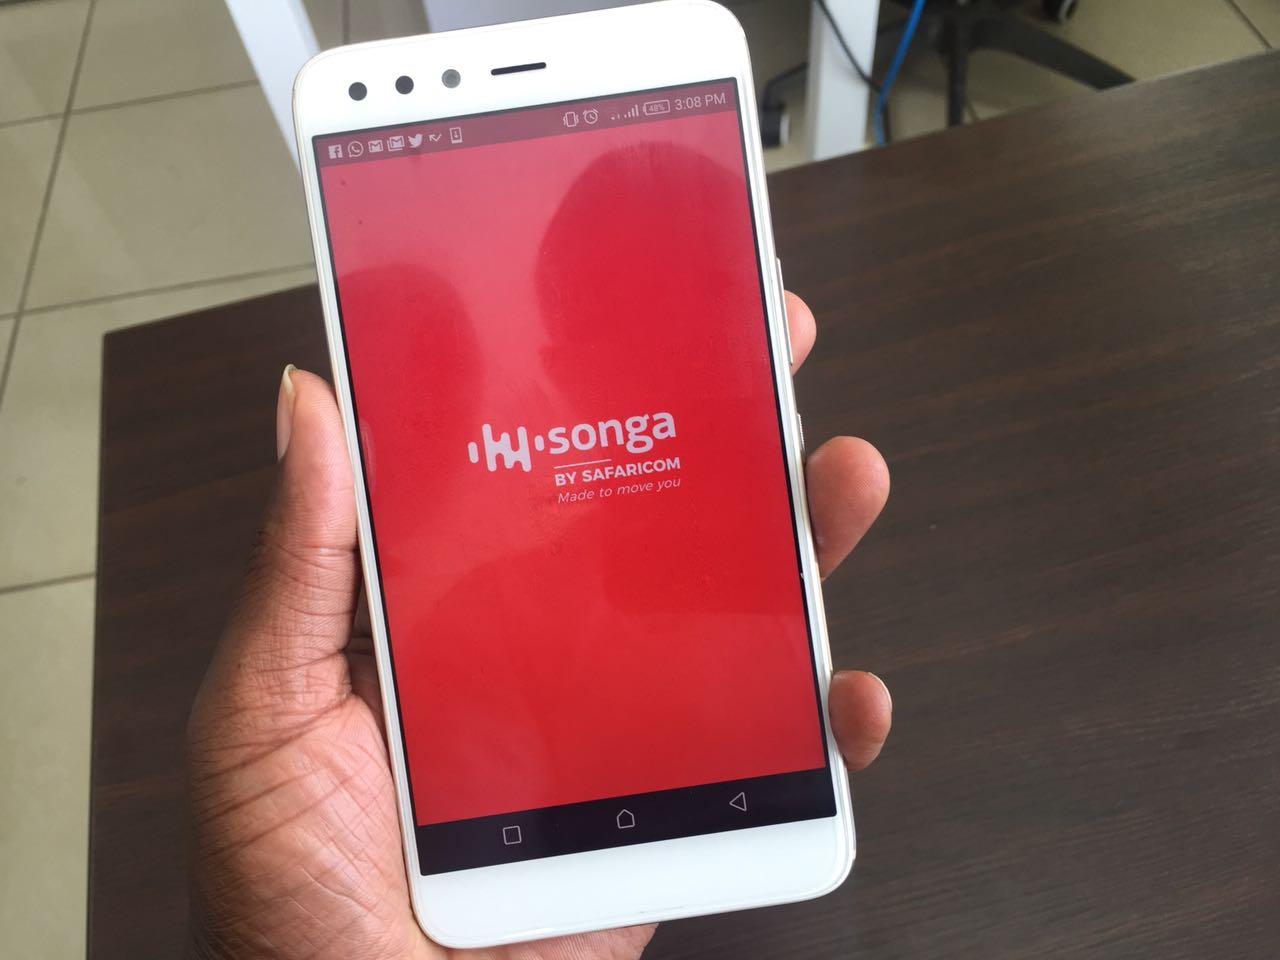 songa music app